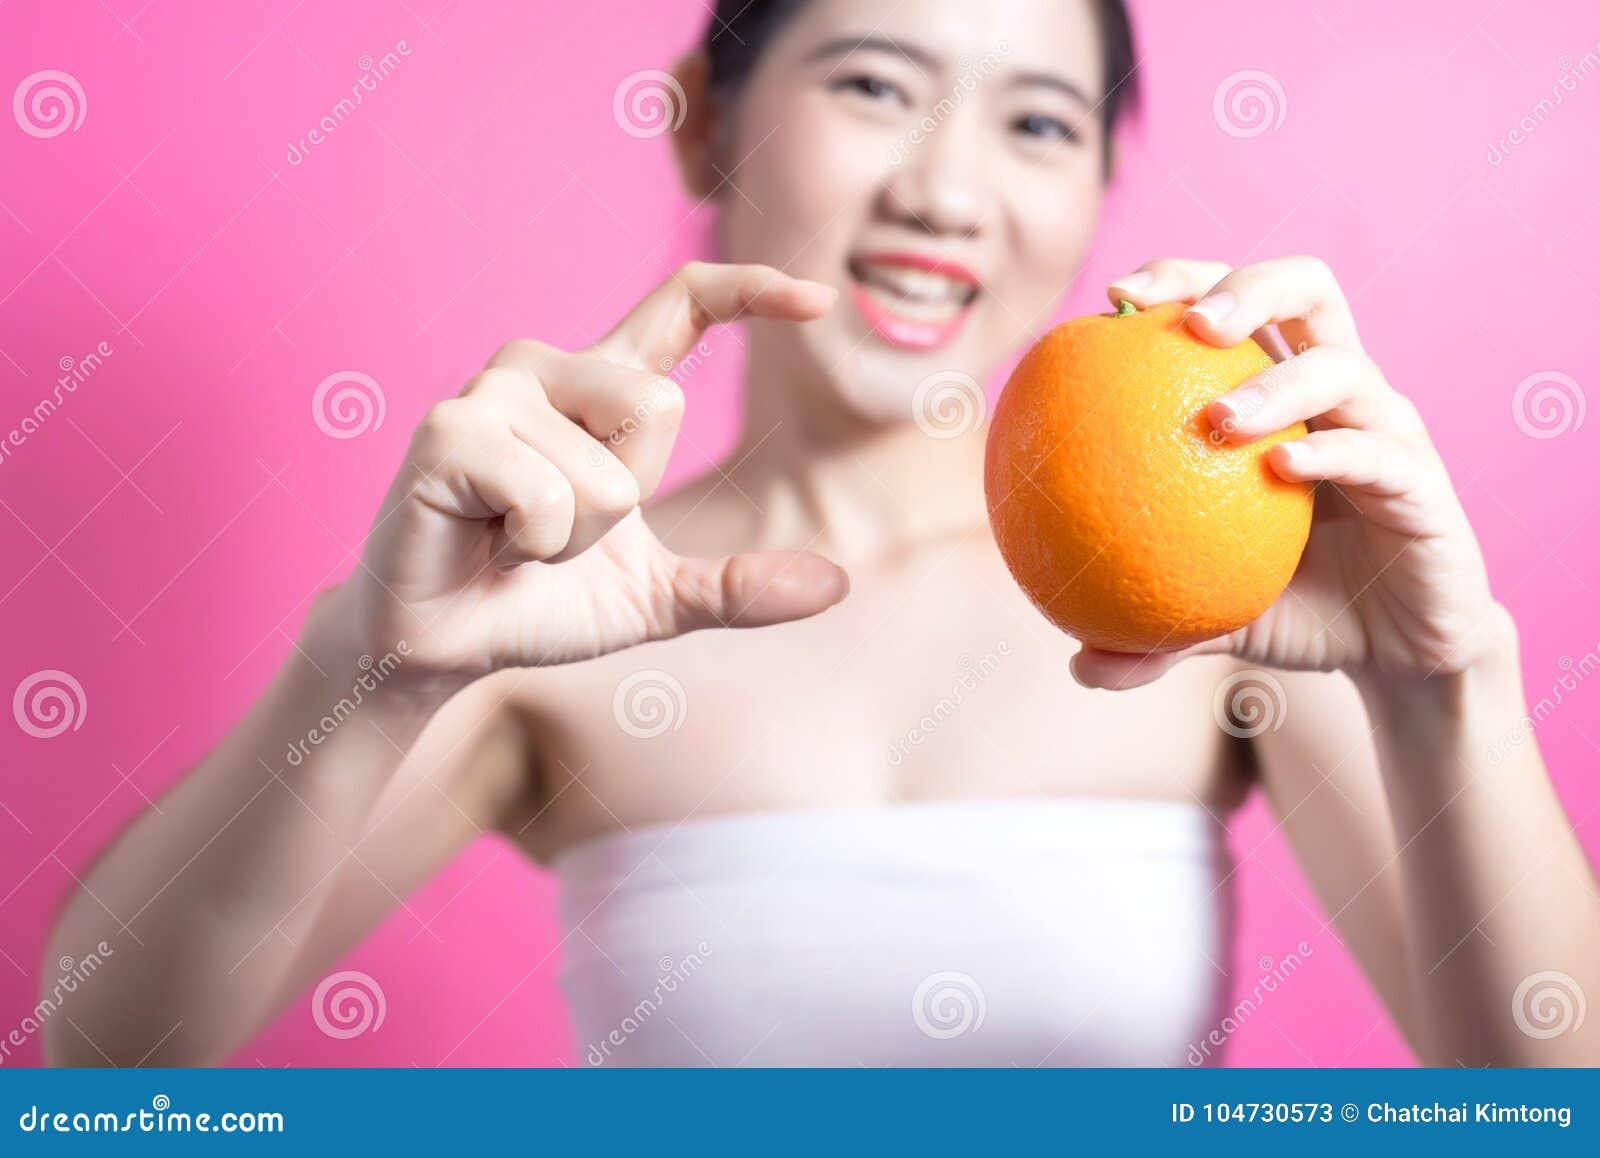 有橙色概念的亚裔妇女 微笑和拿着桔子的她 秀丽面孔和自然构成 隔绝在桃红色背景